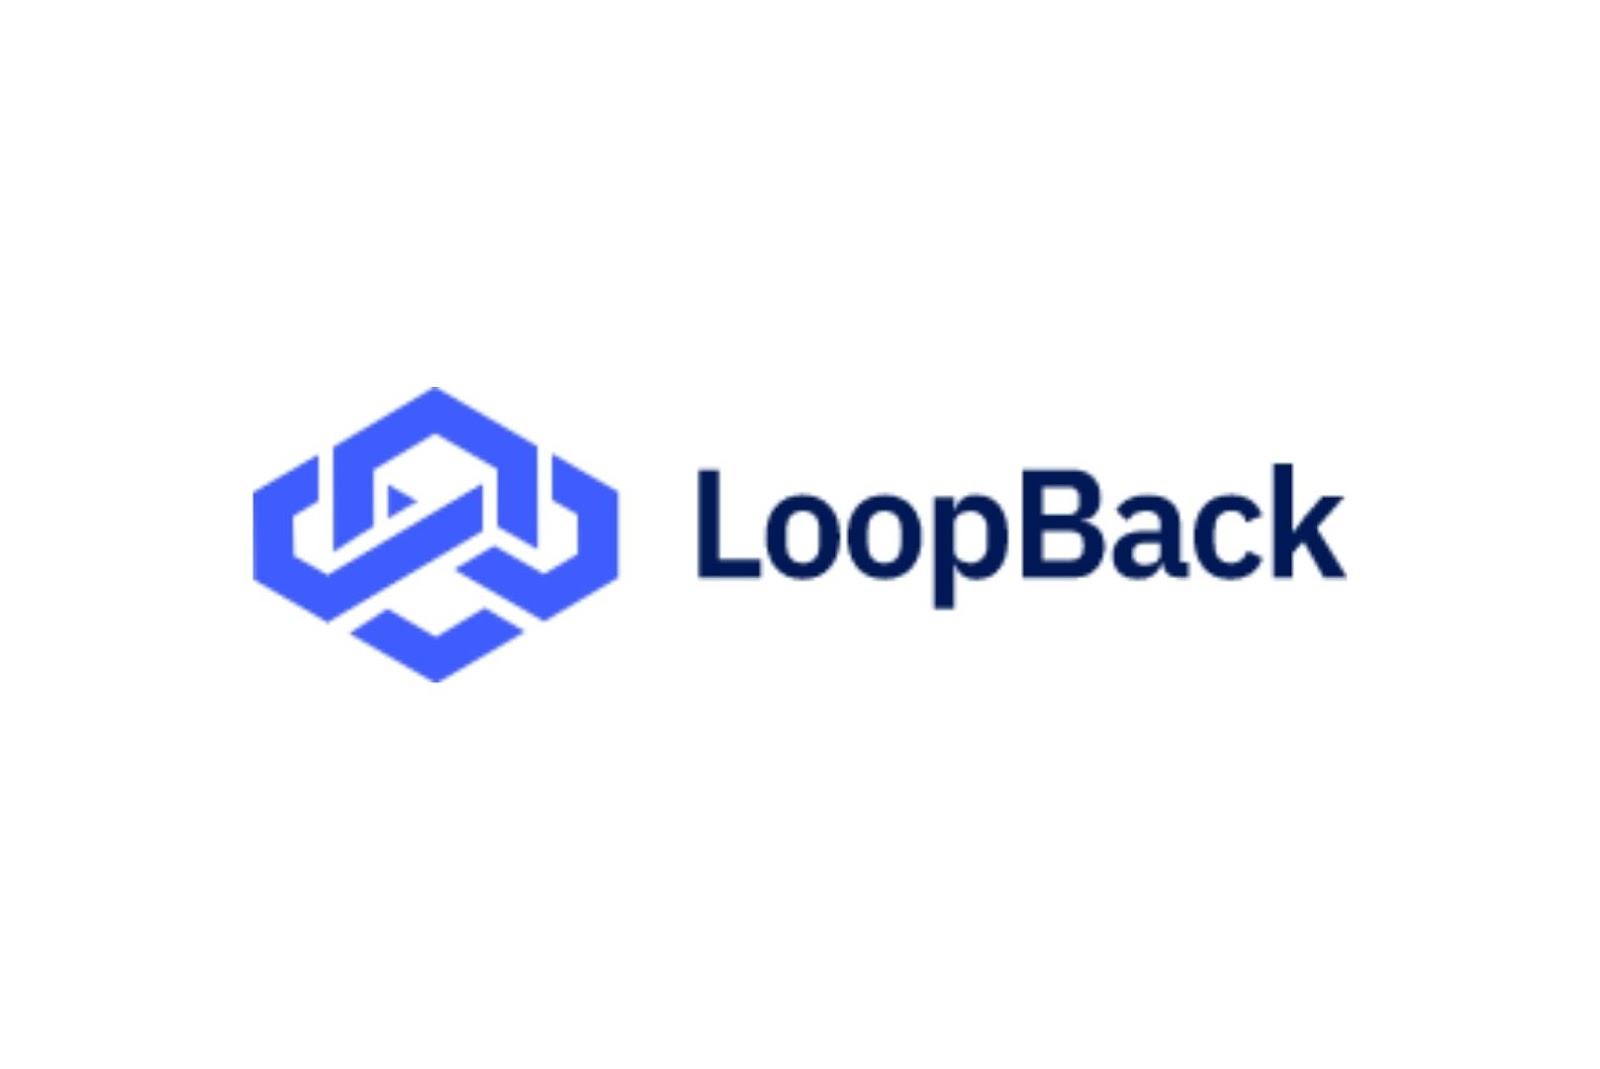 LoopBack node js framework